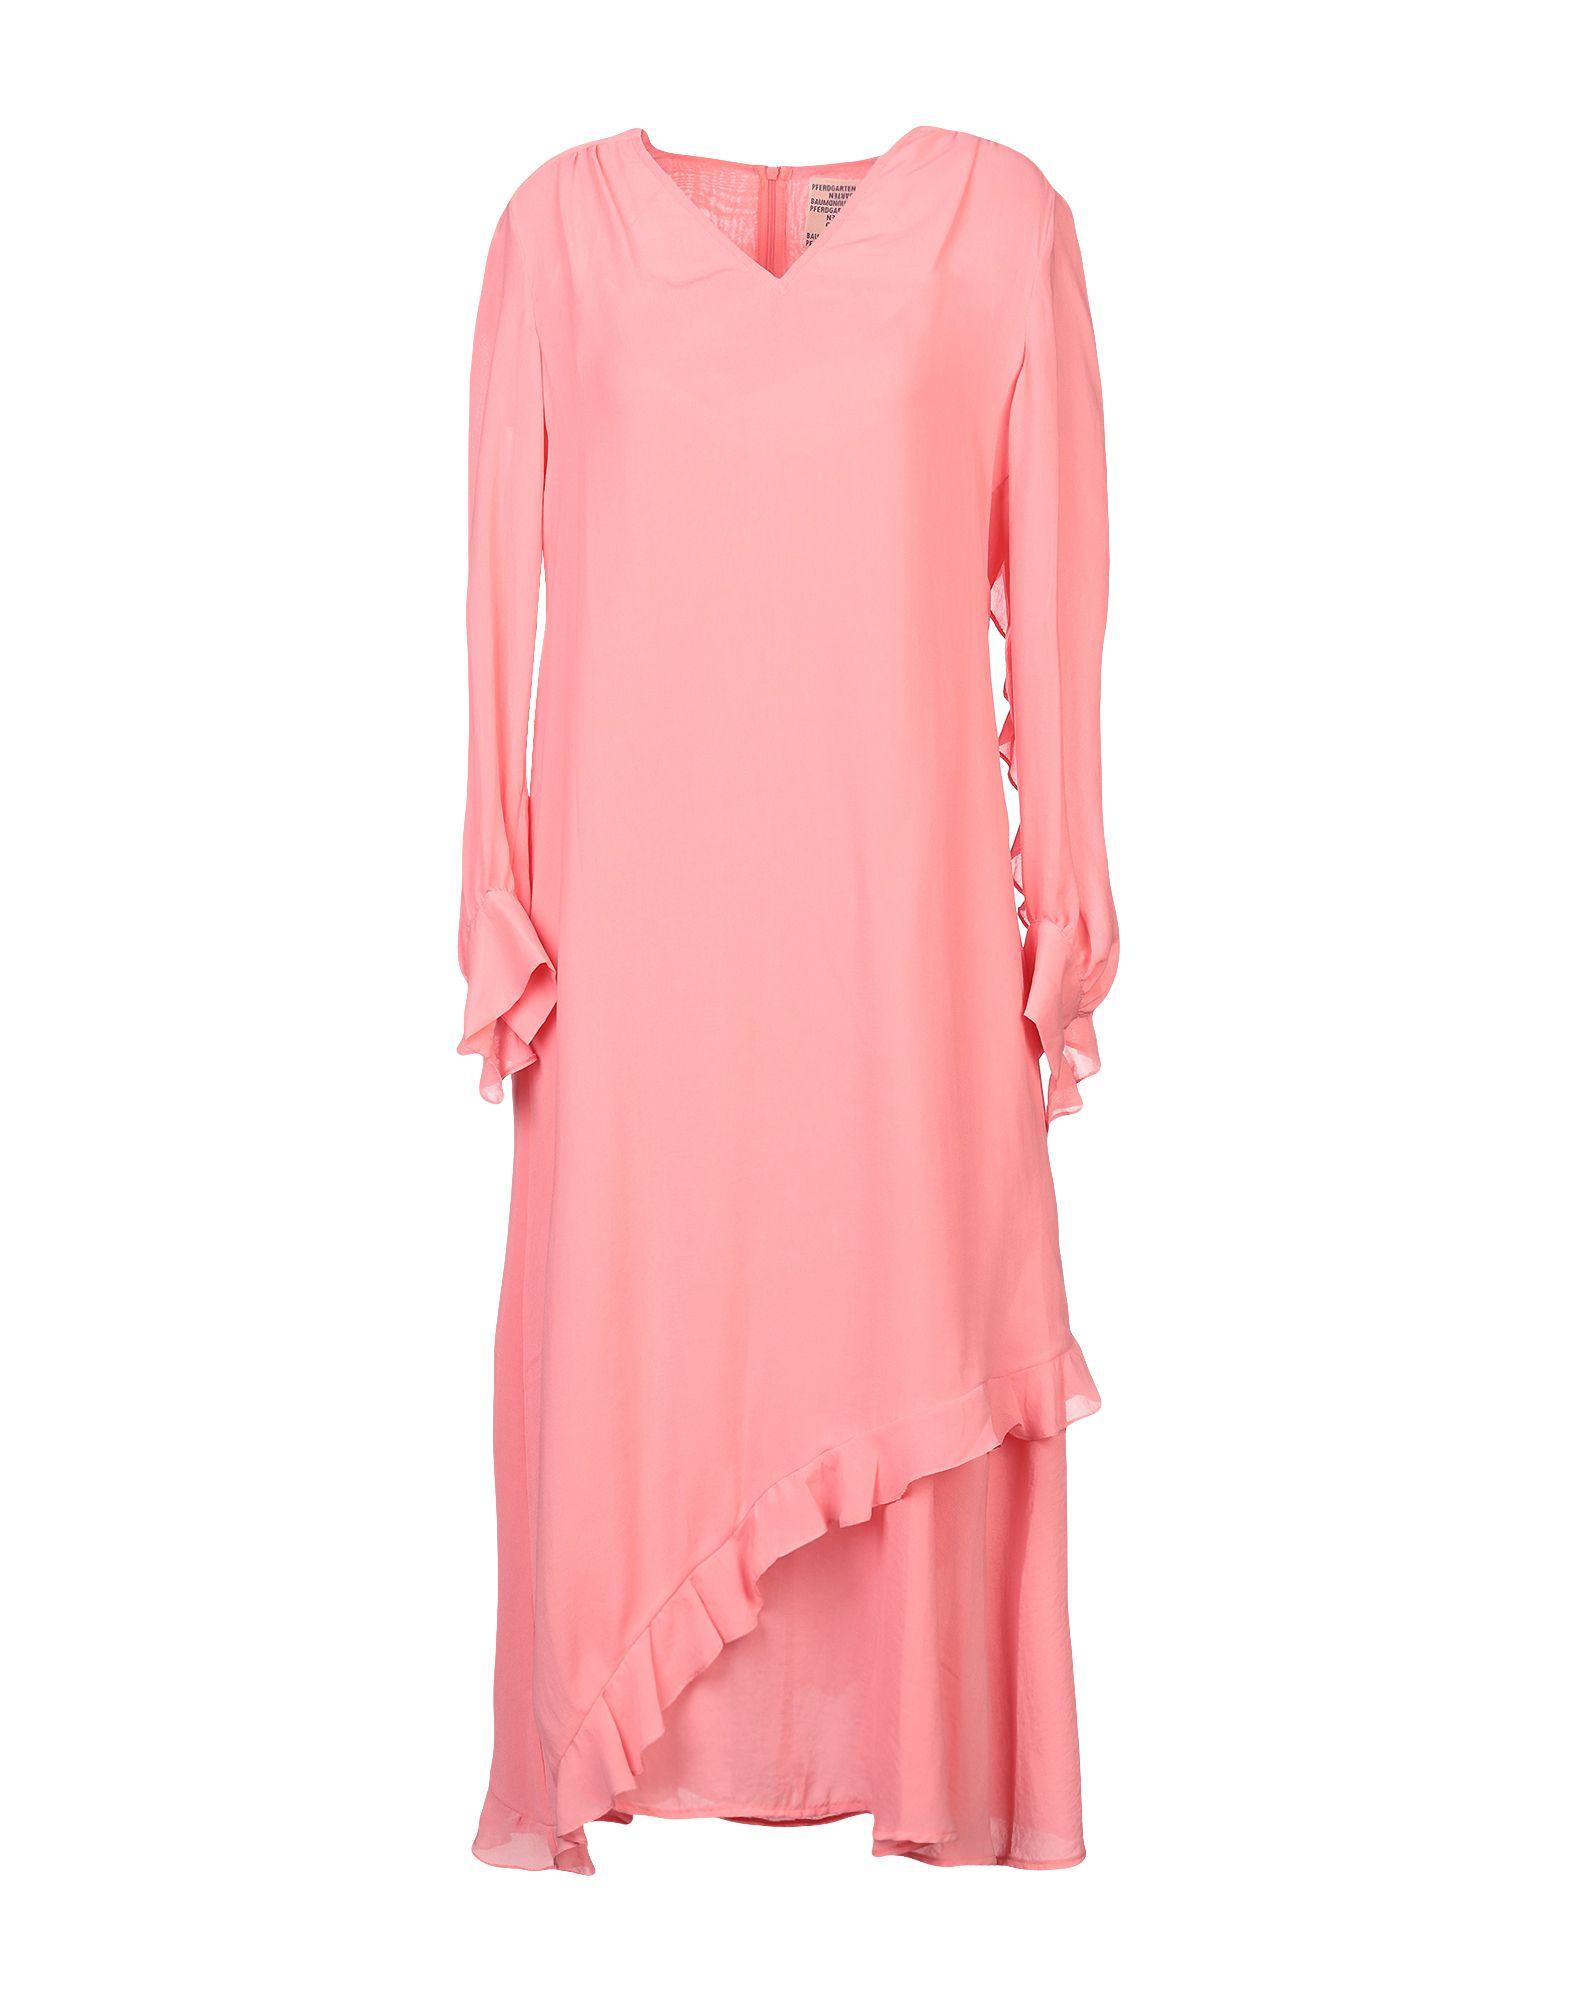 BAUM UND PFERDGARTEN Платье длиной 3/4 baum und pferdgarten юбка длиной 3 4